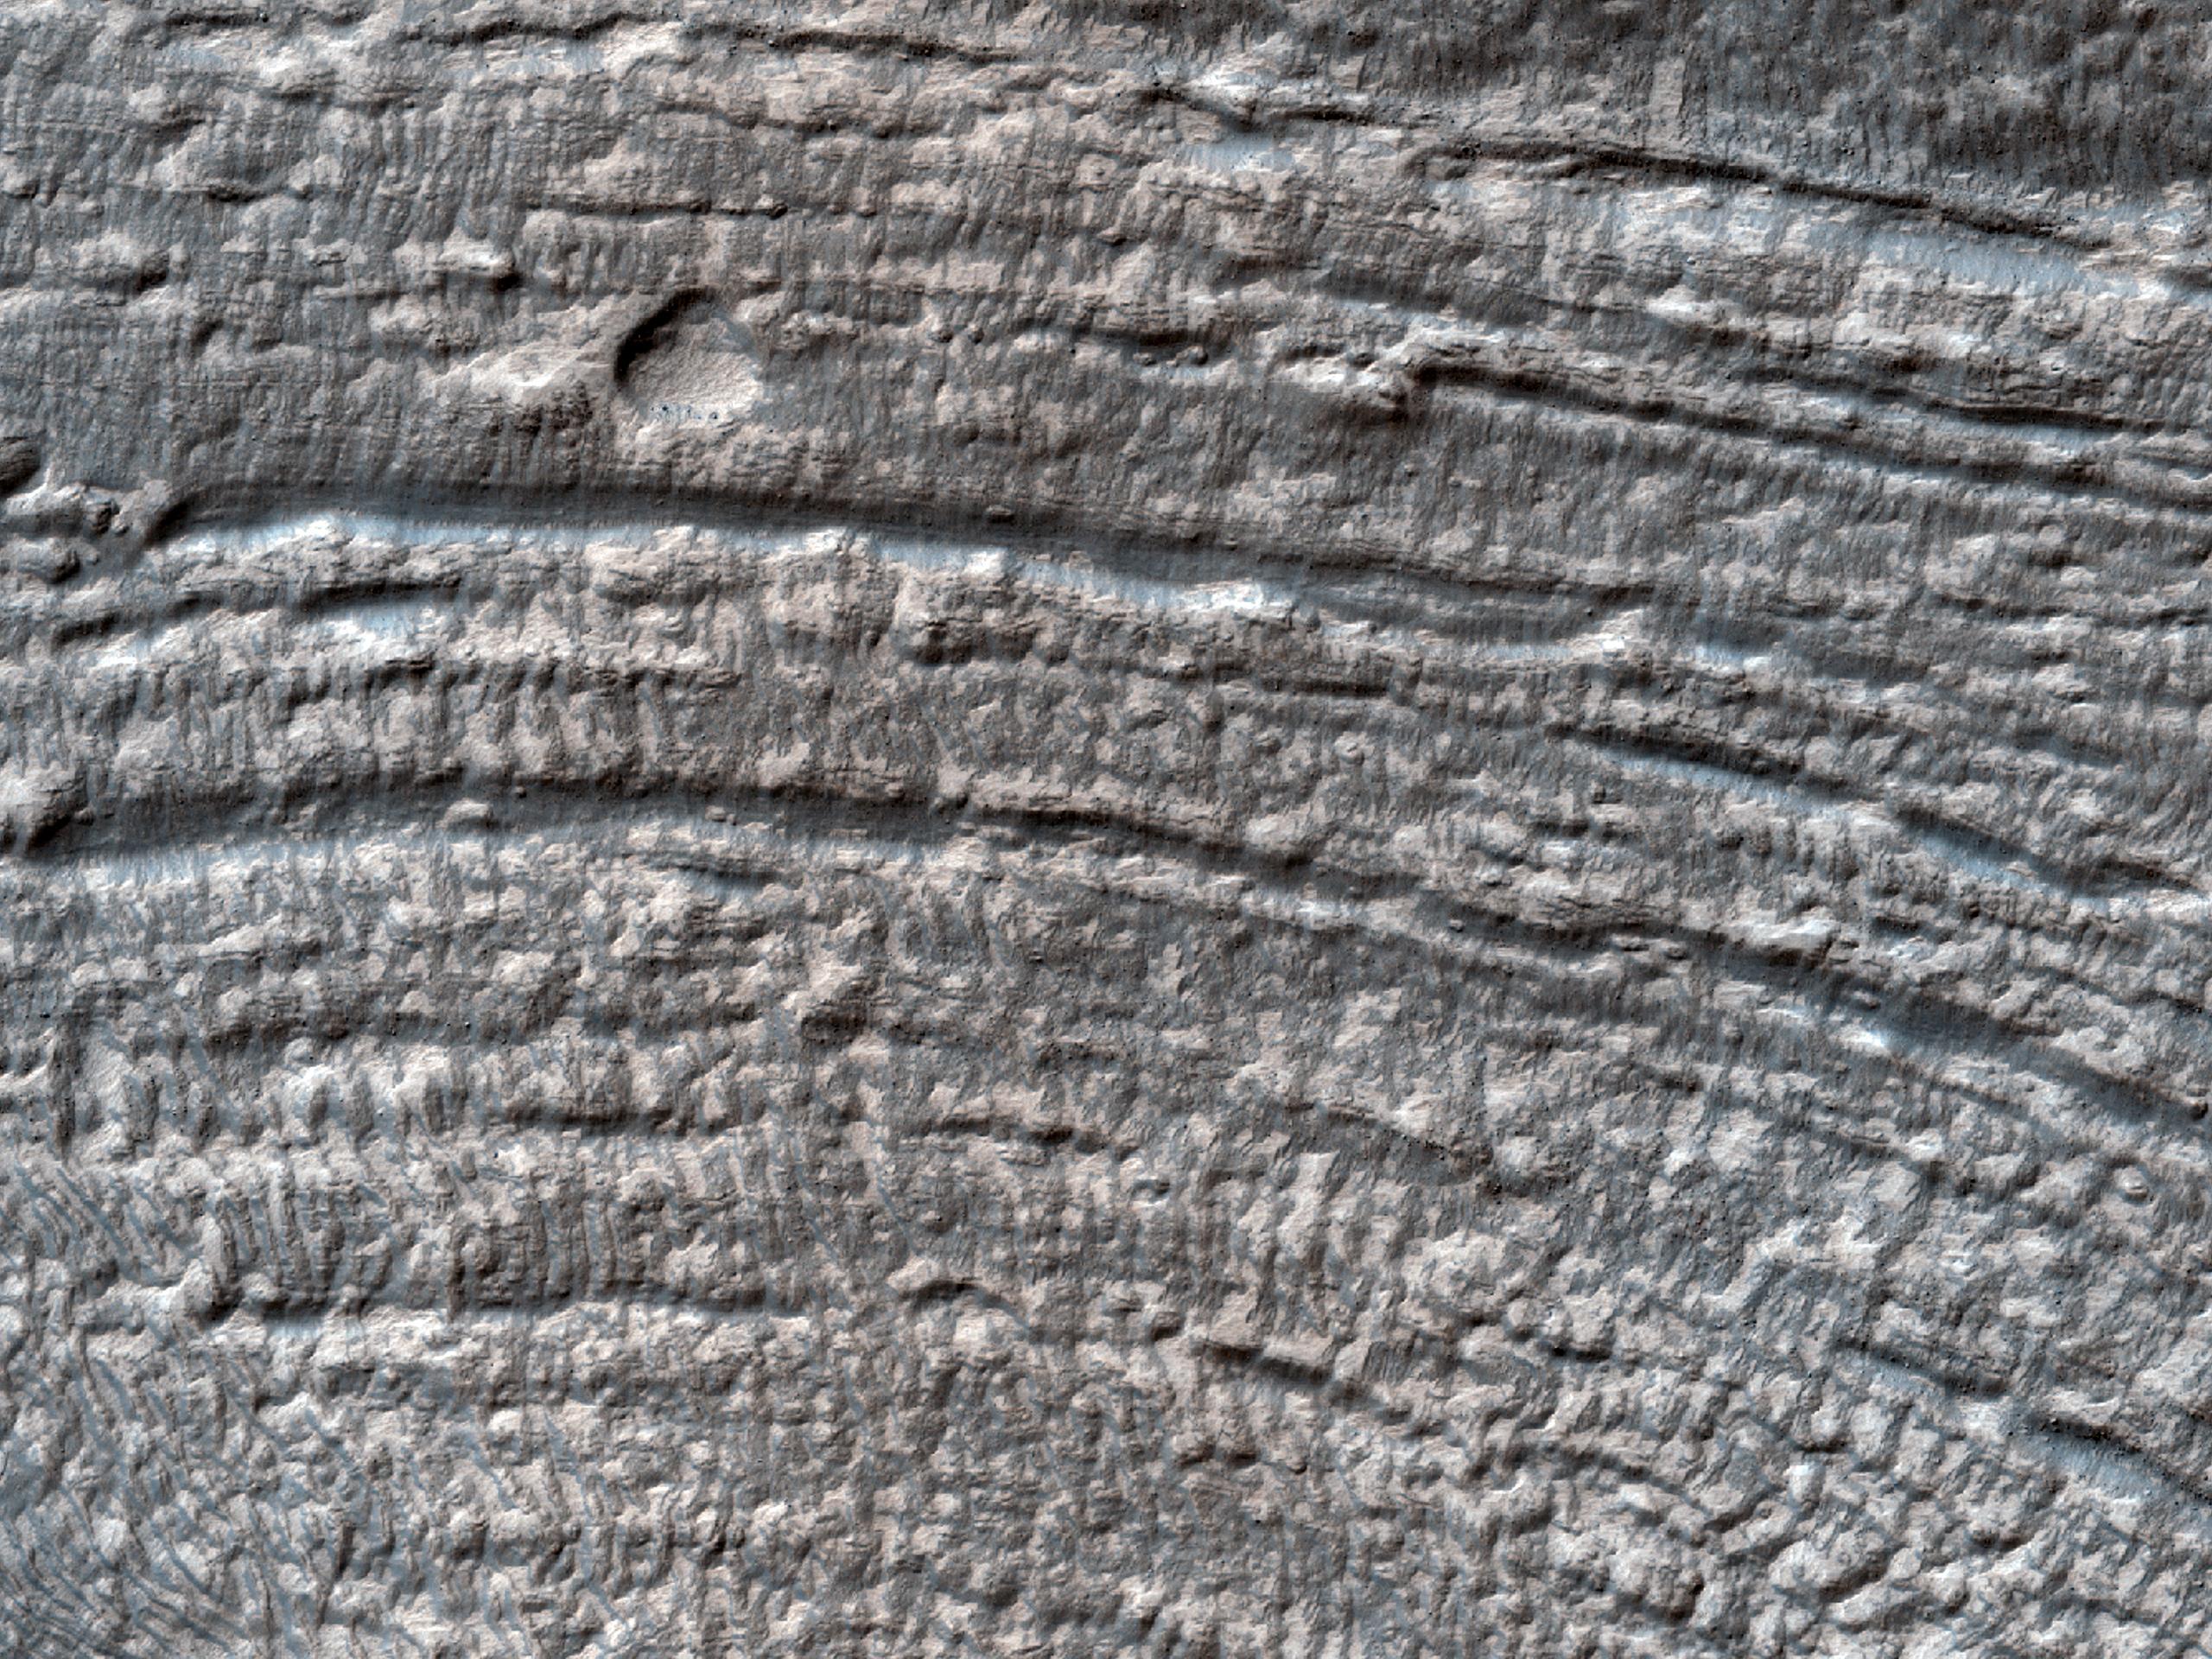 Debris Apron Material between Two Craters in Eastern Hellas Region